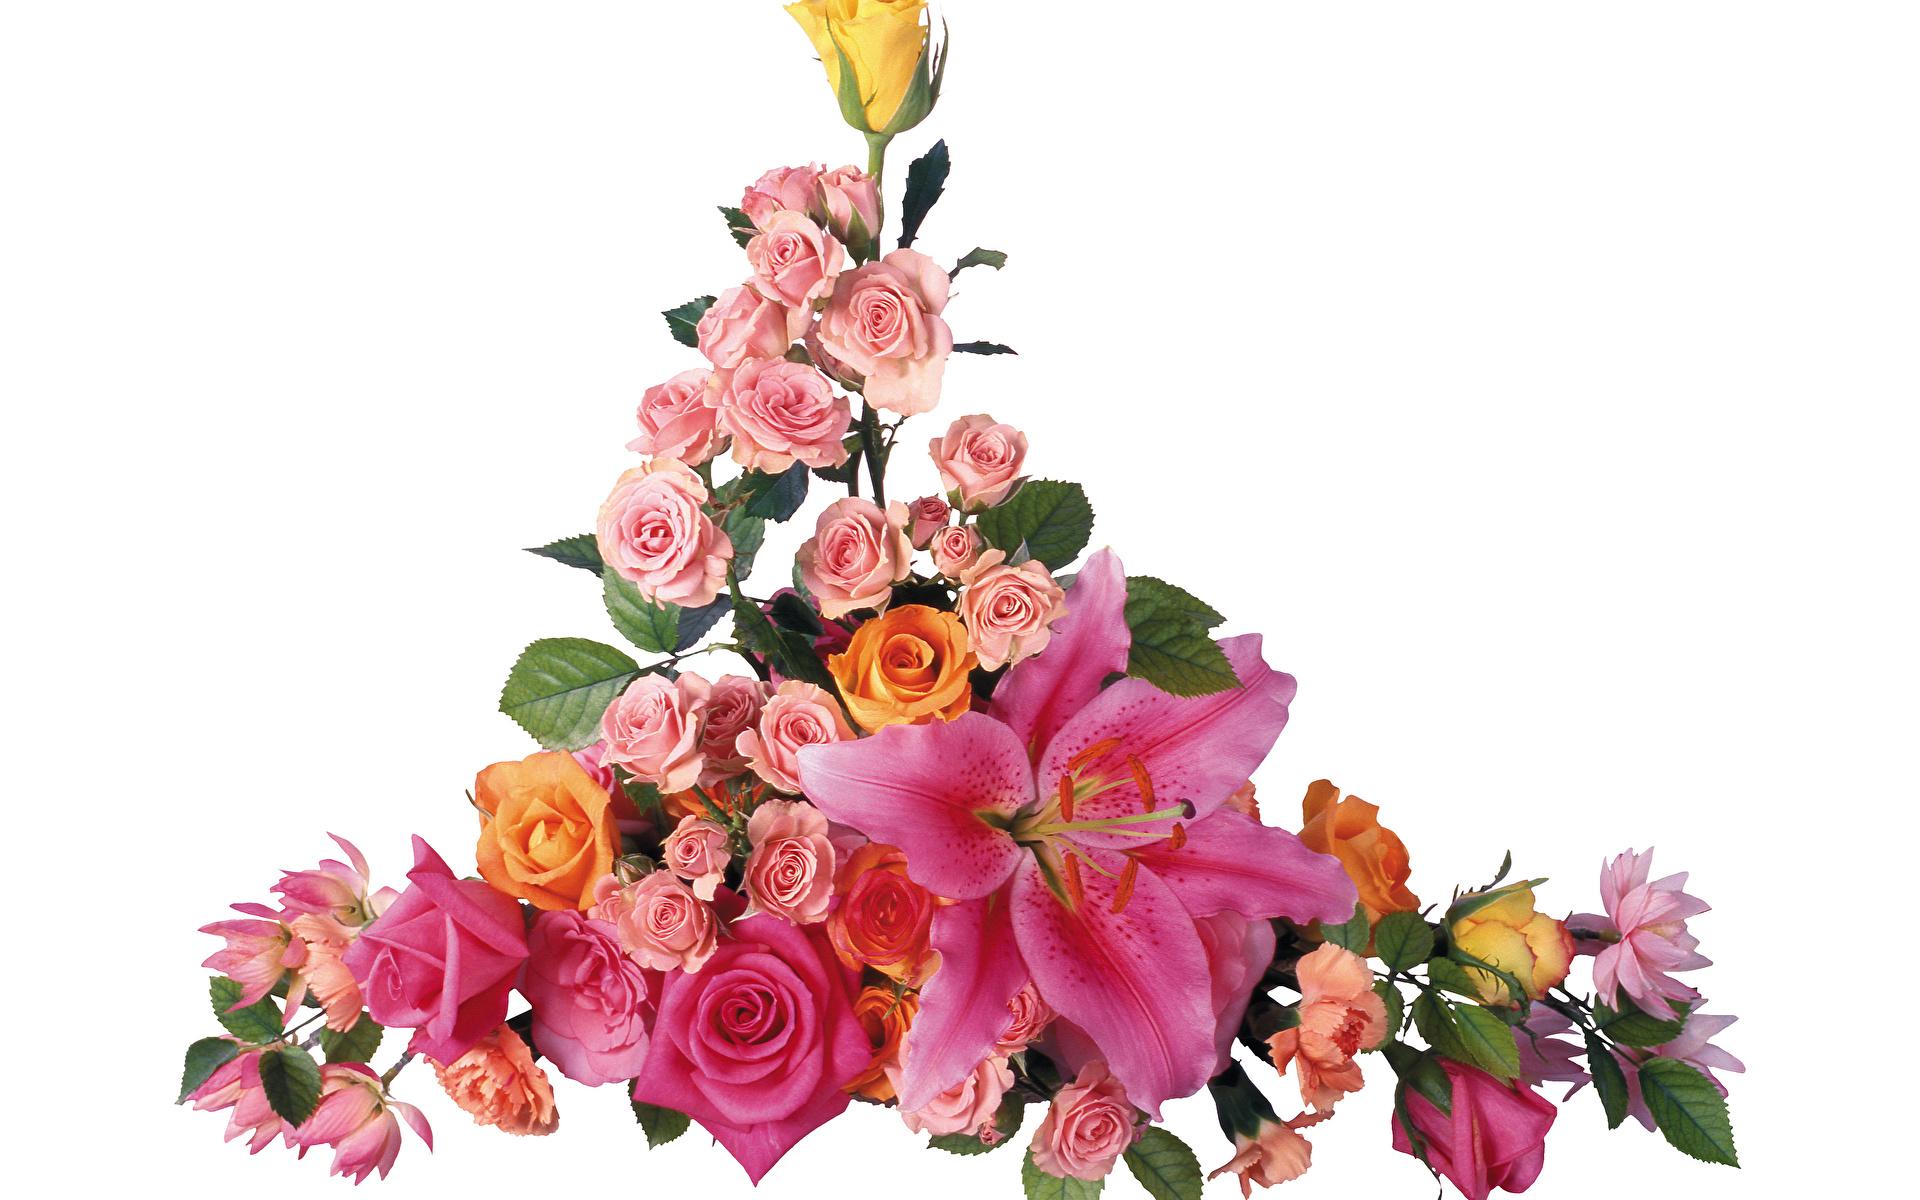 Bilder Sträuße Rose Lilien Blüte Weißer hintergrund 1920x1200 Blumensträuße Rosen Blumen